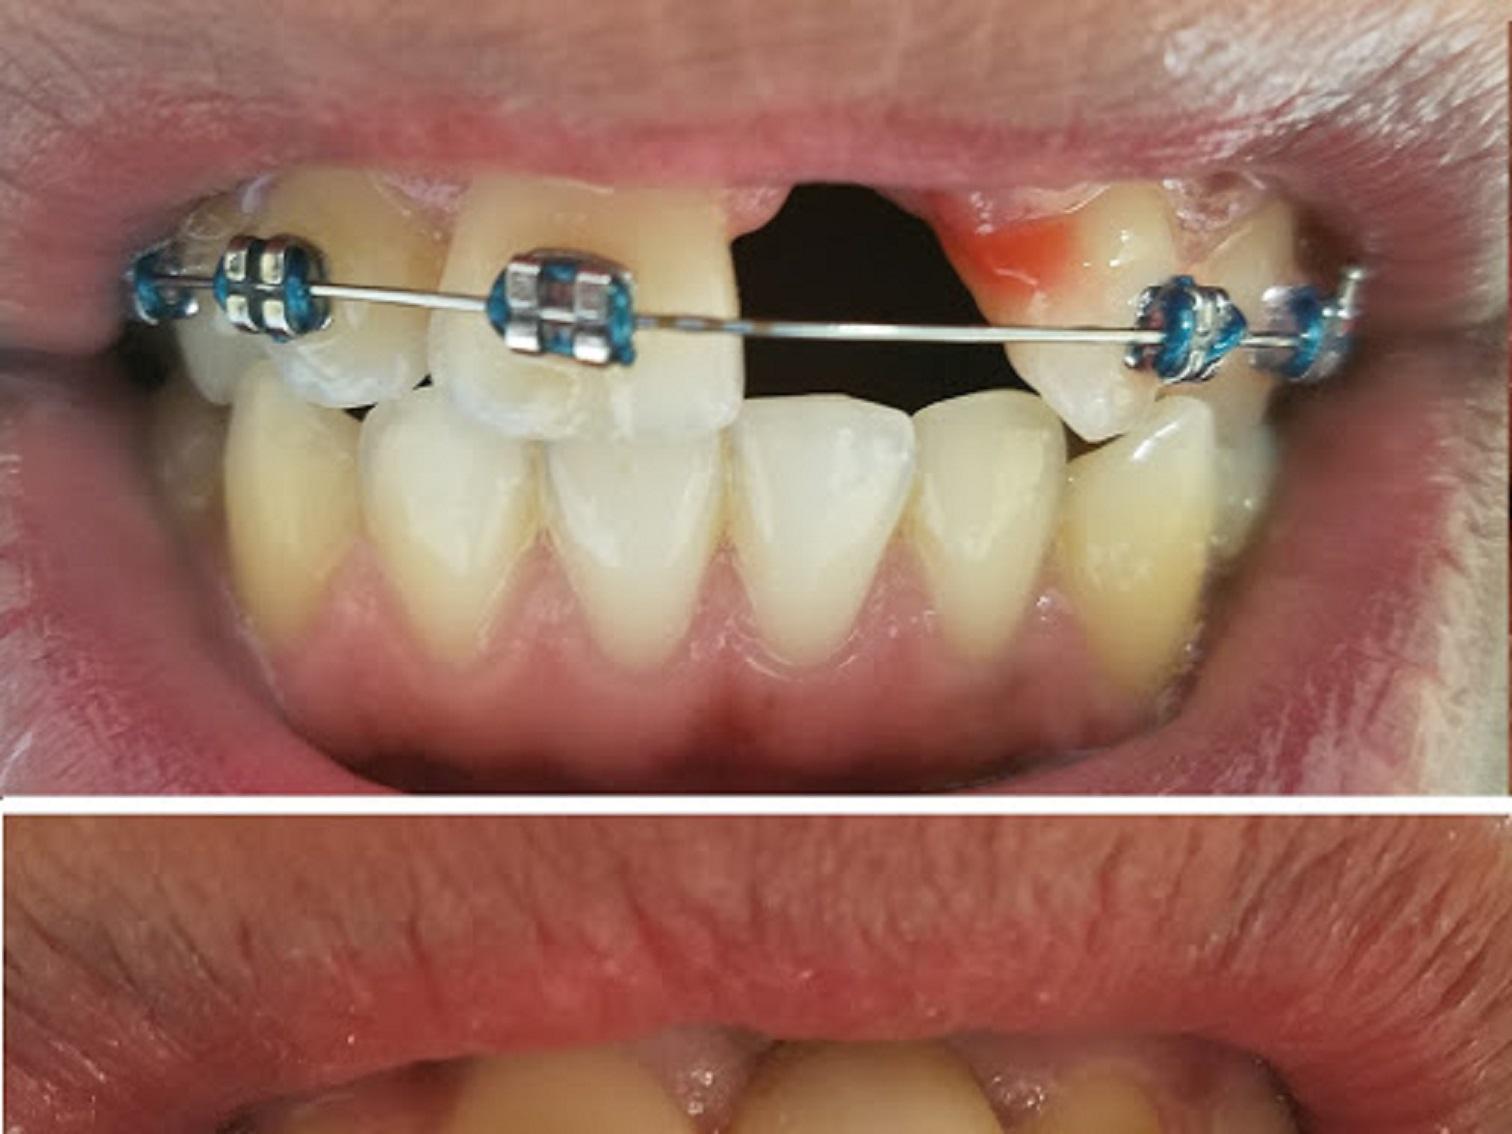 Orthodontist - John McIntyre DDS